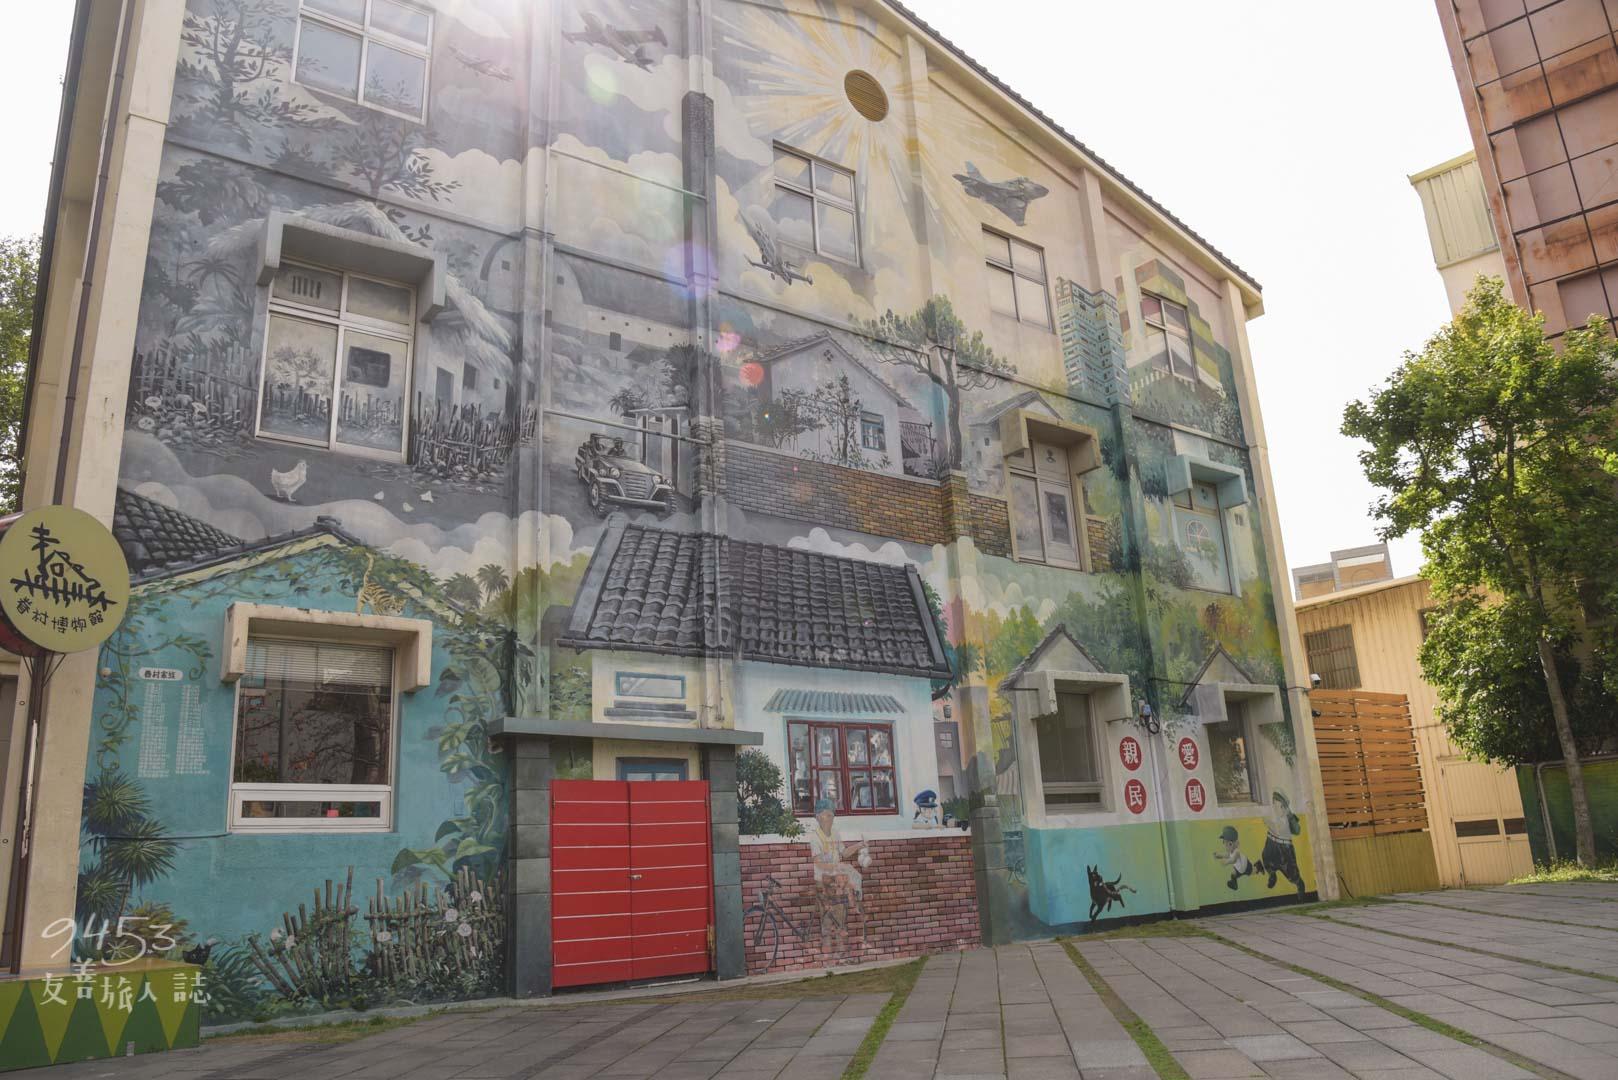 眷村博物館彩繪外牆